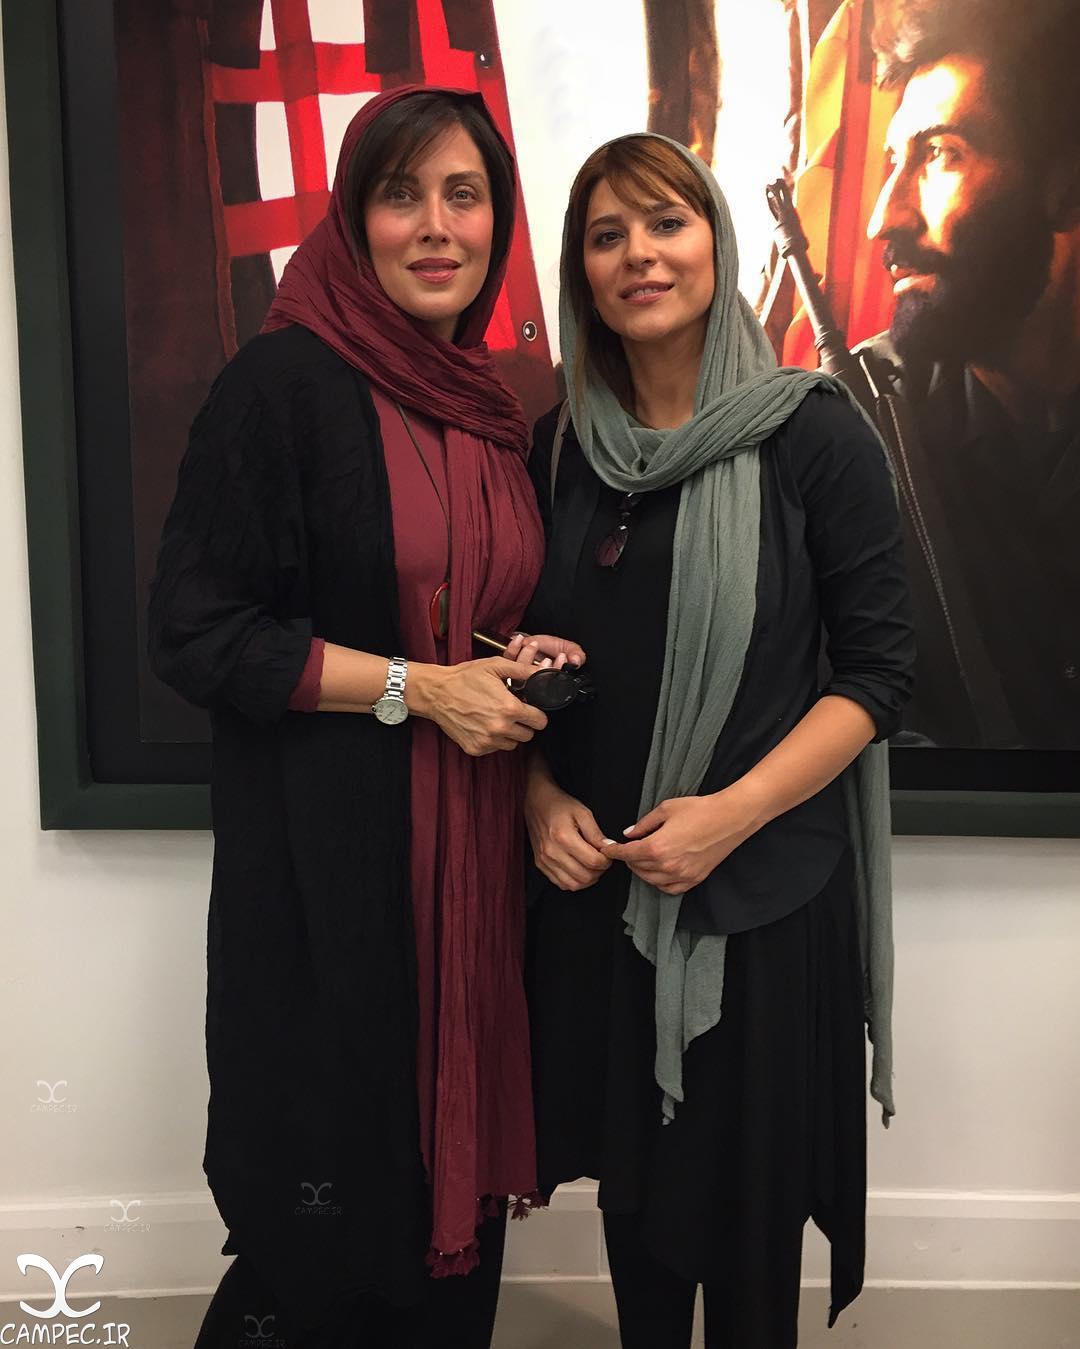 سحر دولتشاهی و مهتاب کرامتی در نمایشگاه عکس ایستاده در غبار